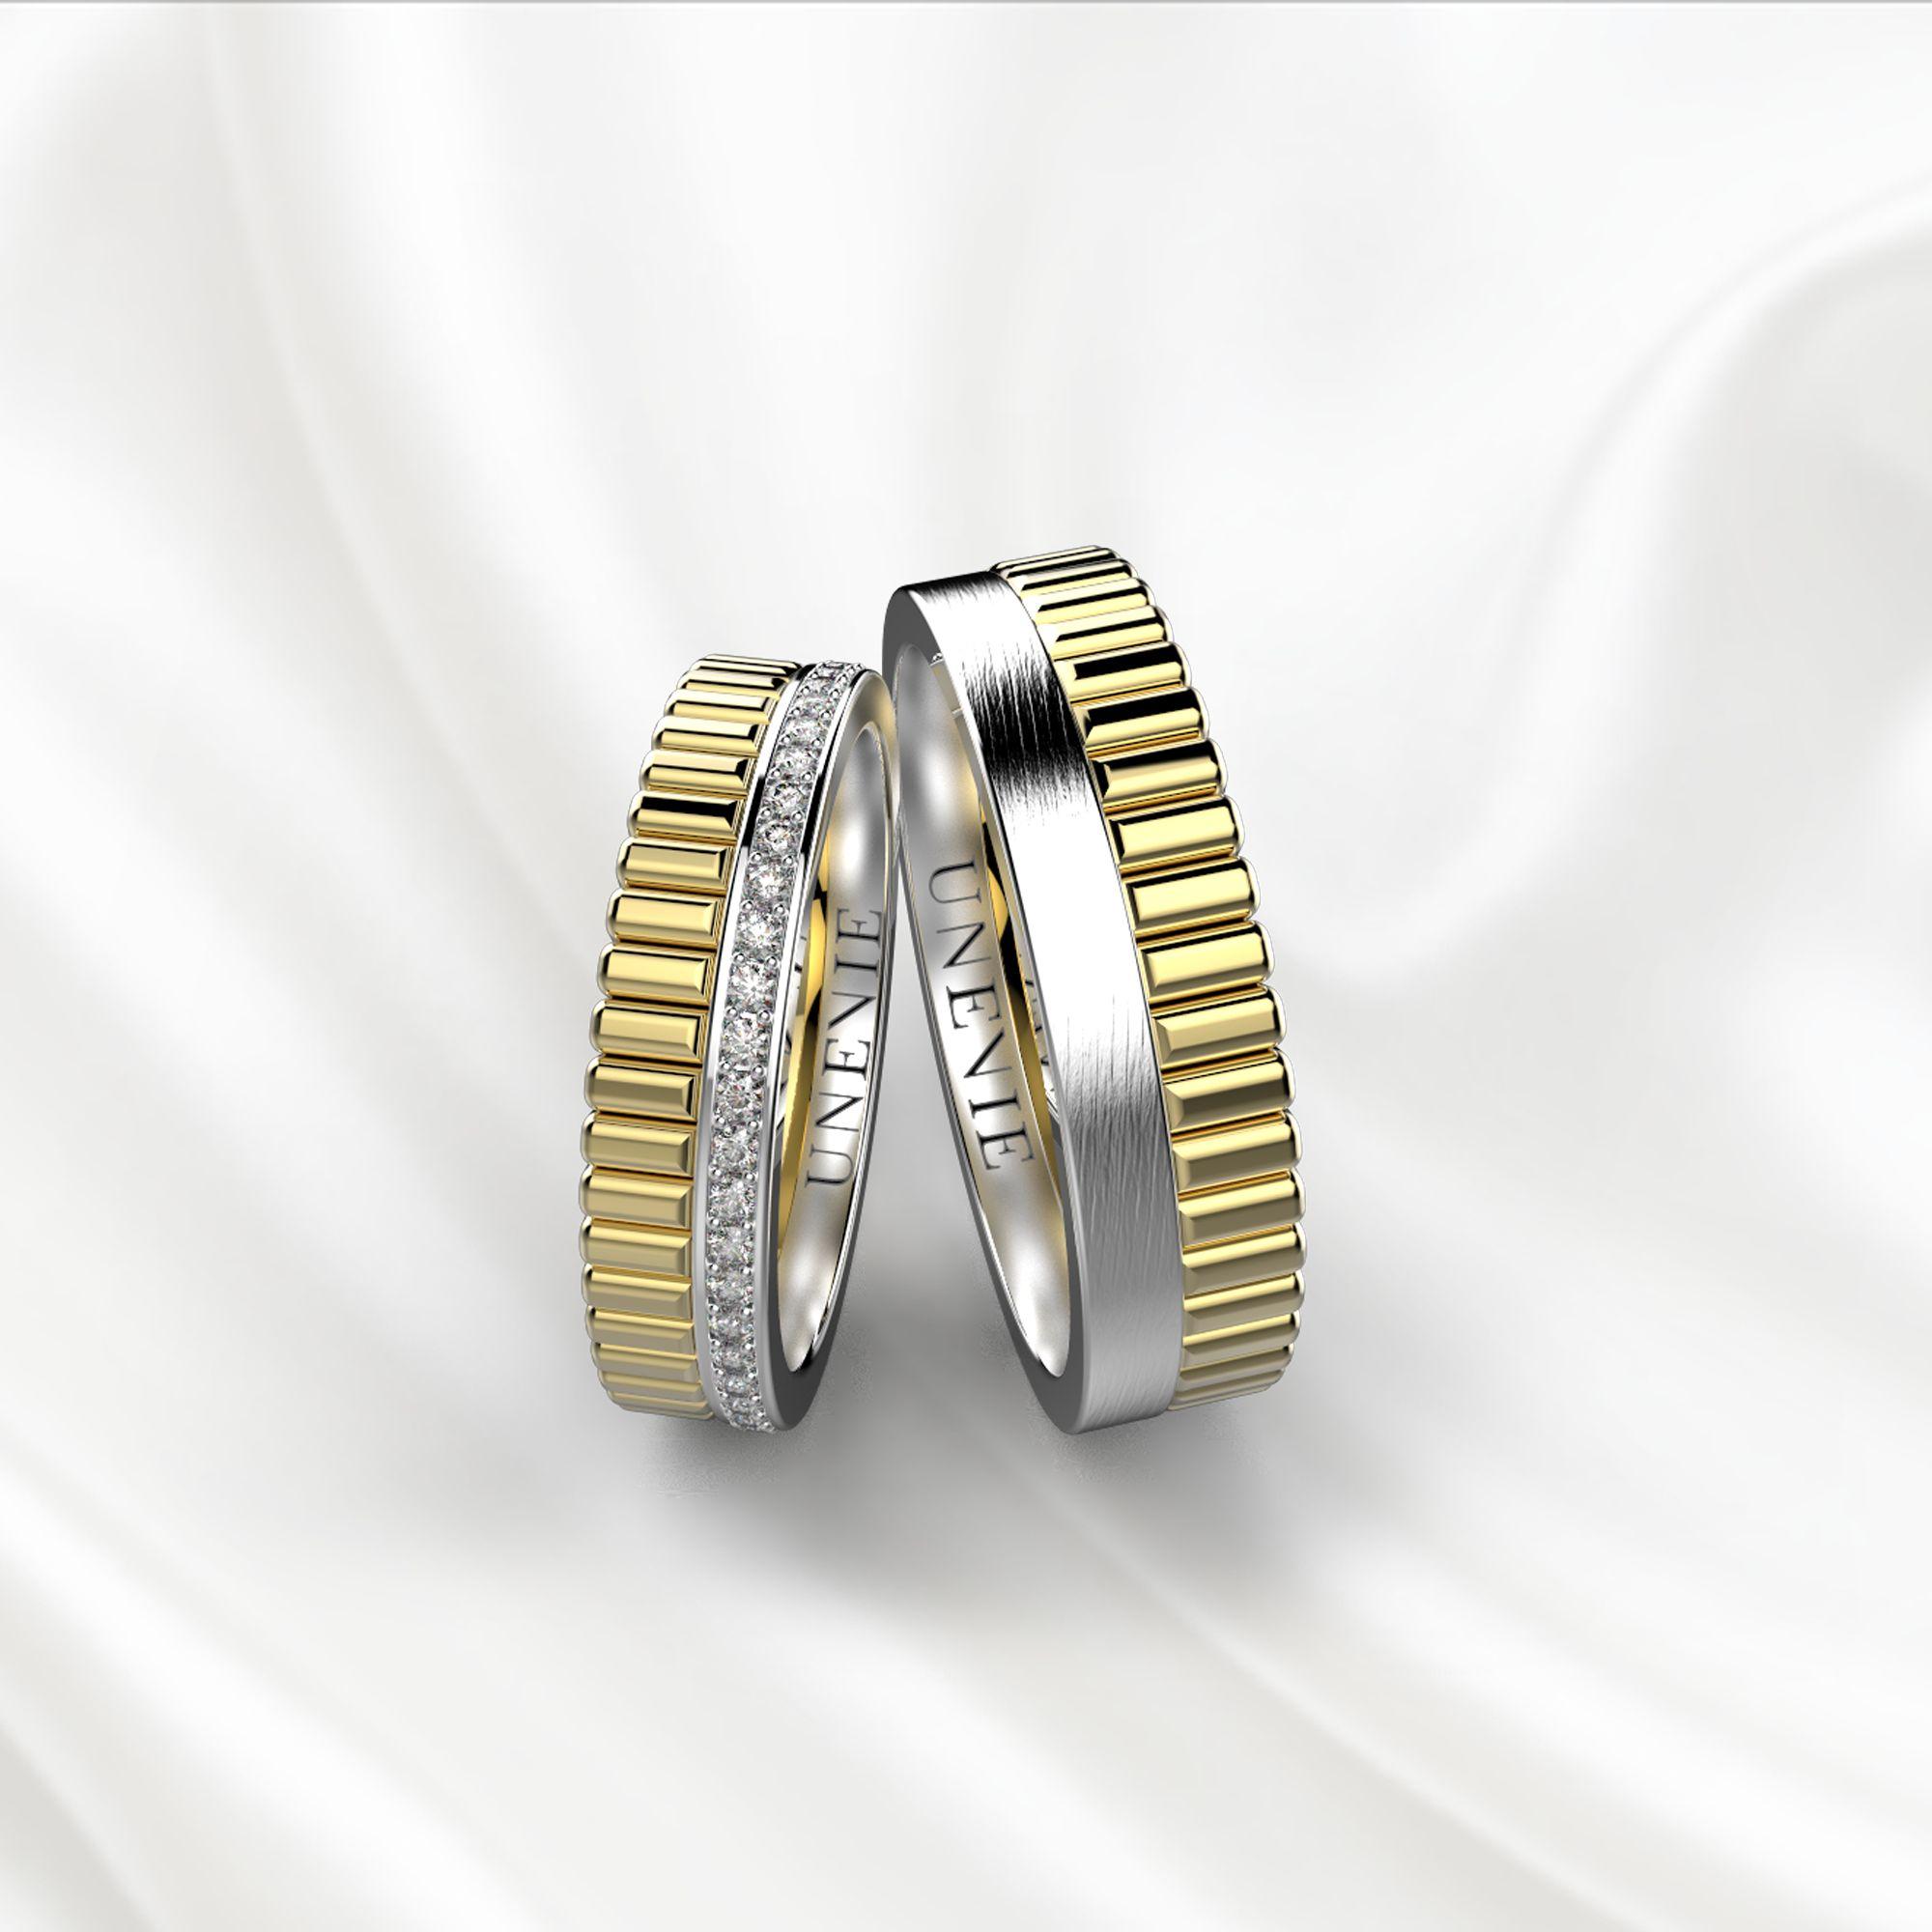 NV24 Обручальные кольца из жёлто-белого золота с бриллиантами